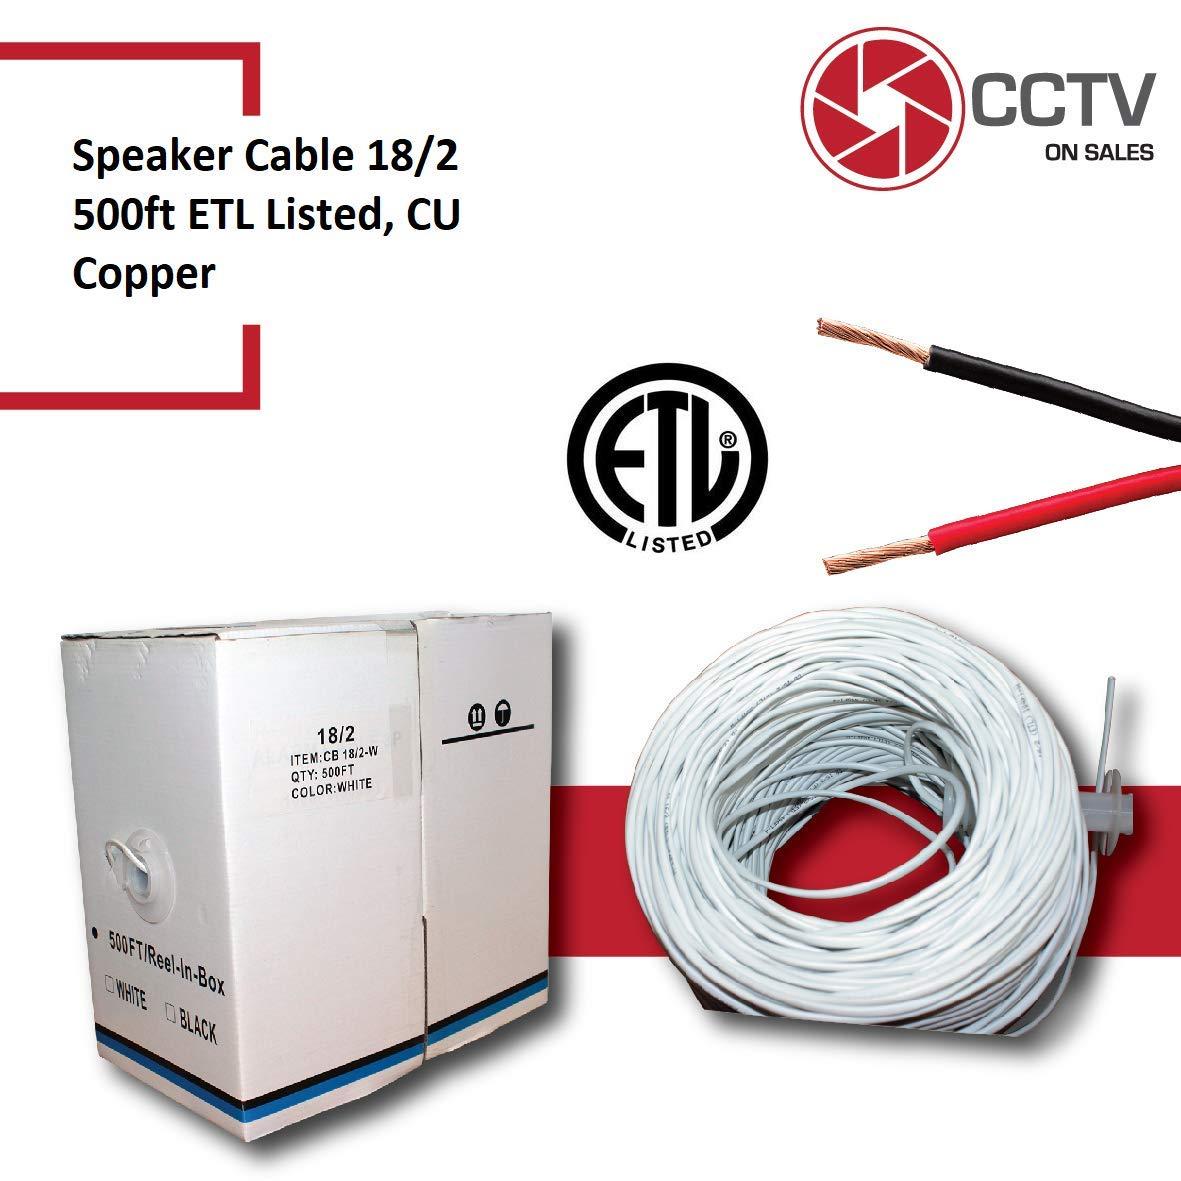 スピーカーワイヤケーブル 18 AWG 2連CCA導体 CMR定格 (壁取付用) 18/2 ホワイト 500フィート ETL認証   B07H8RHSDW